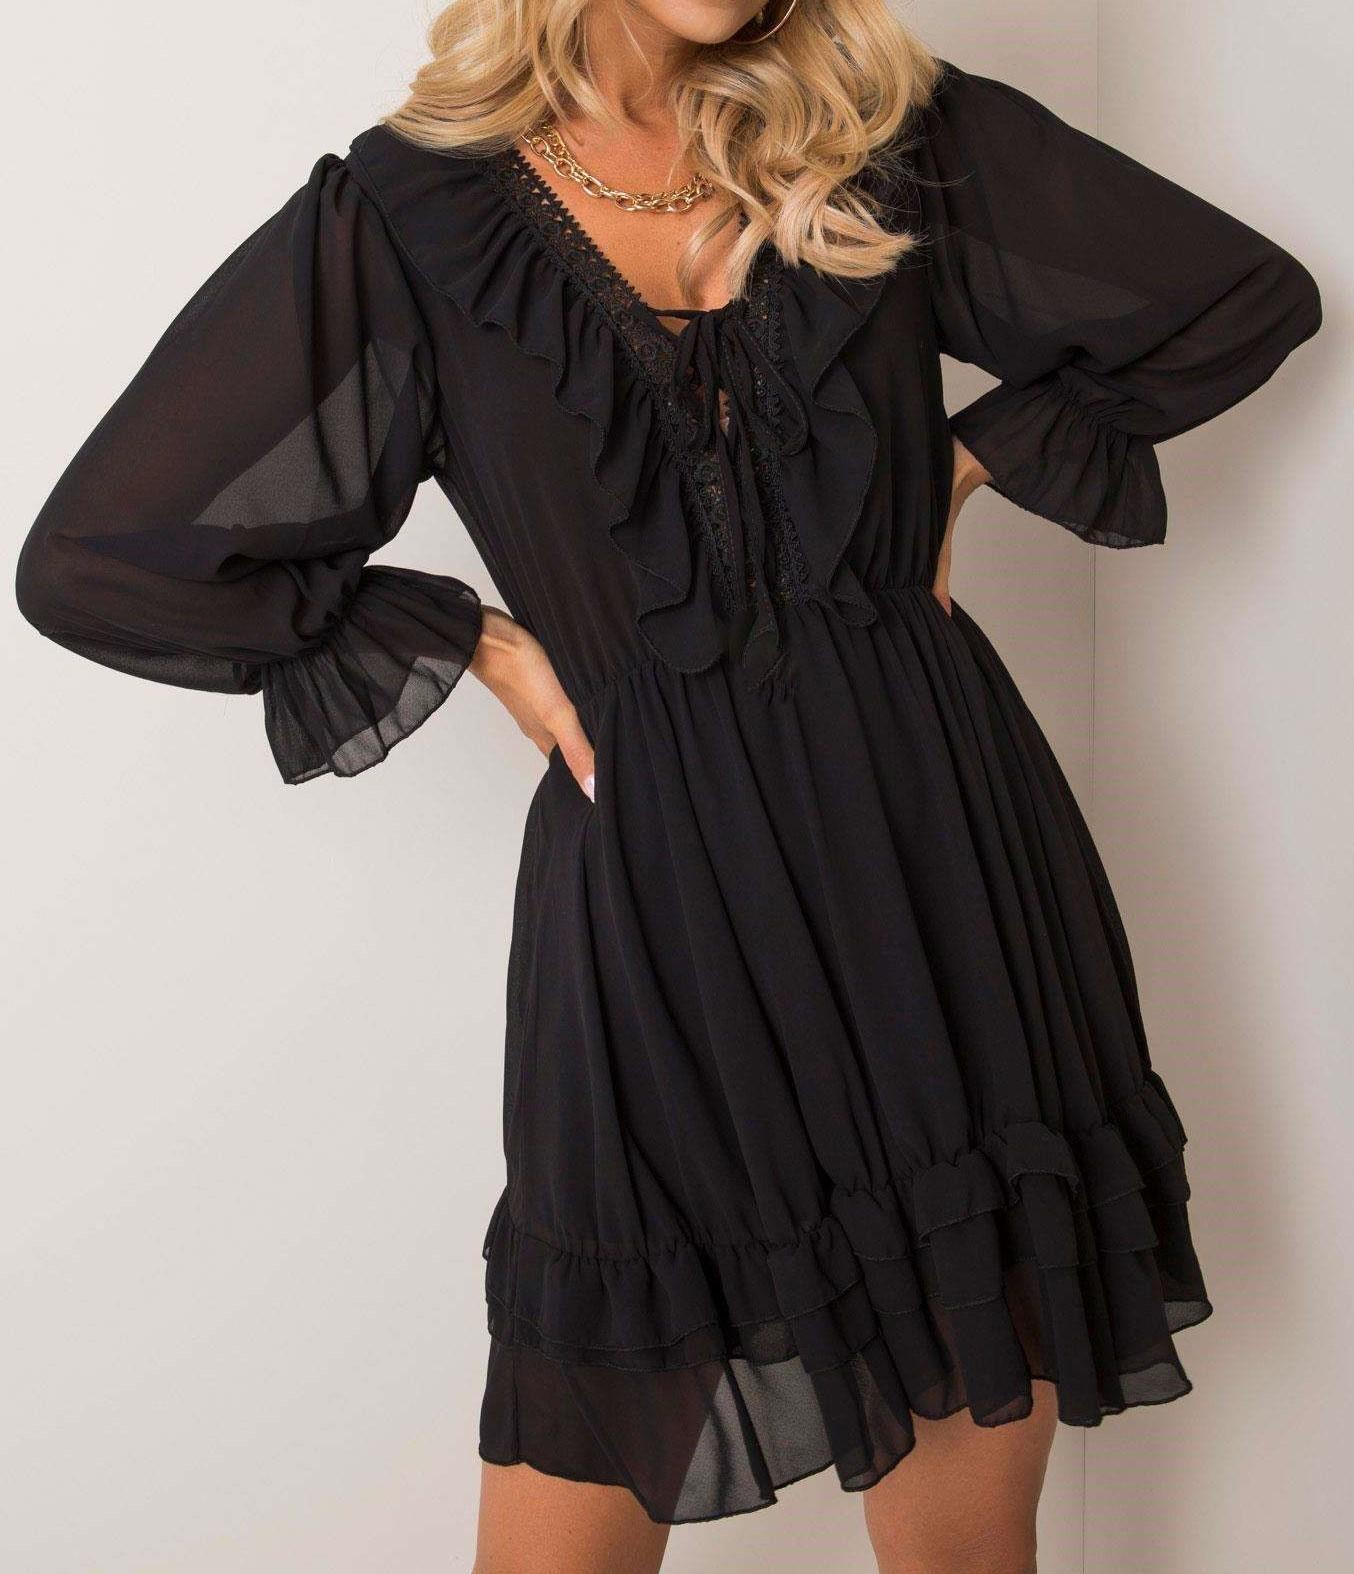 czarna elegancka sukienka klasyczna, midi, długi rękaw, ozdobny dekolt